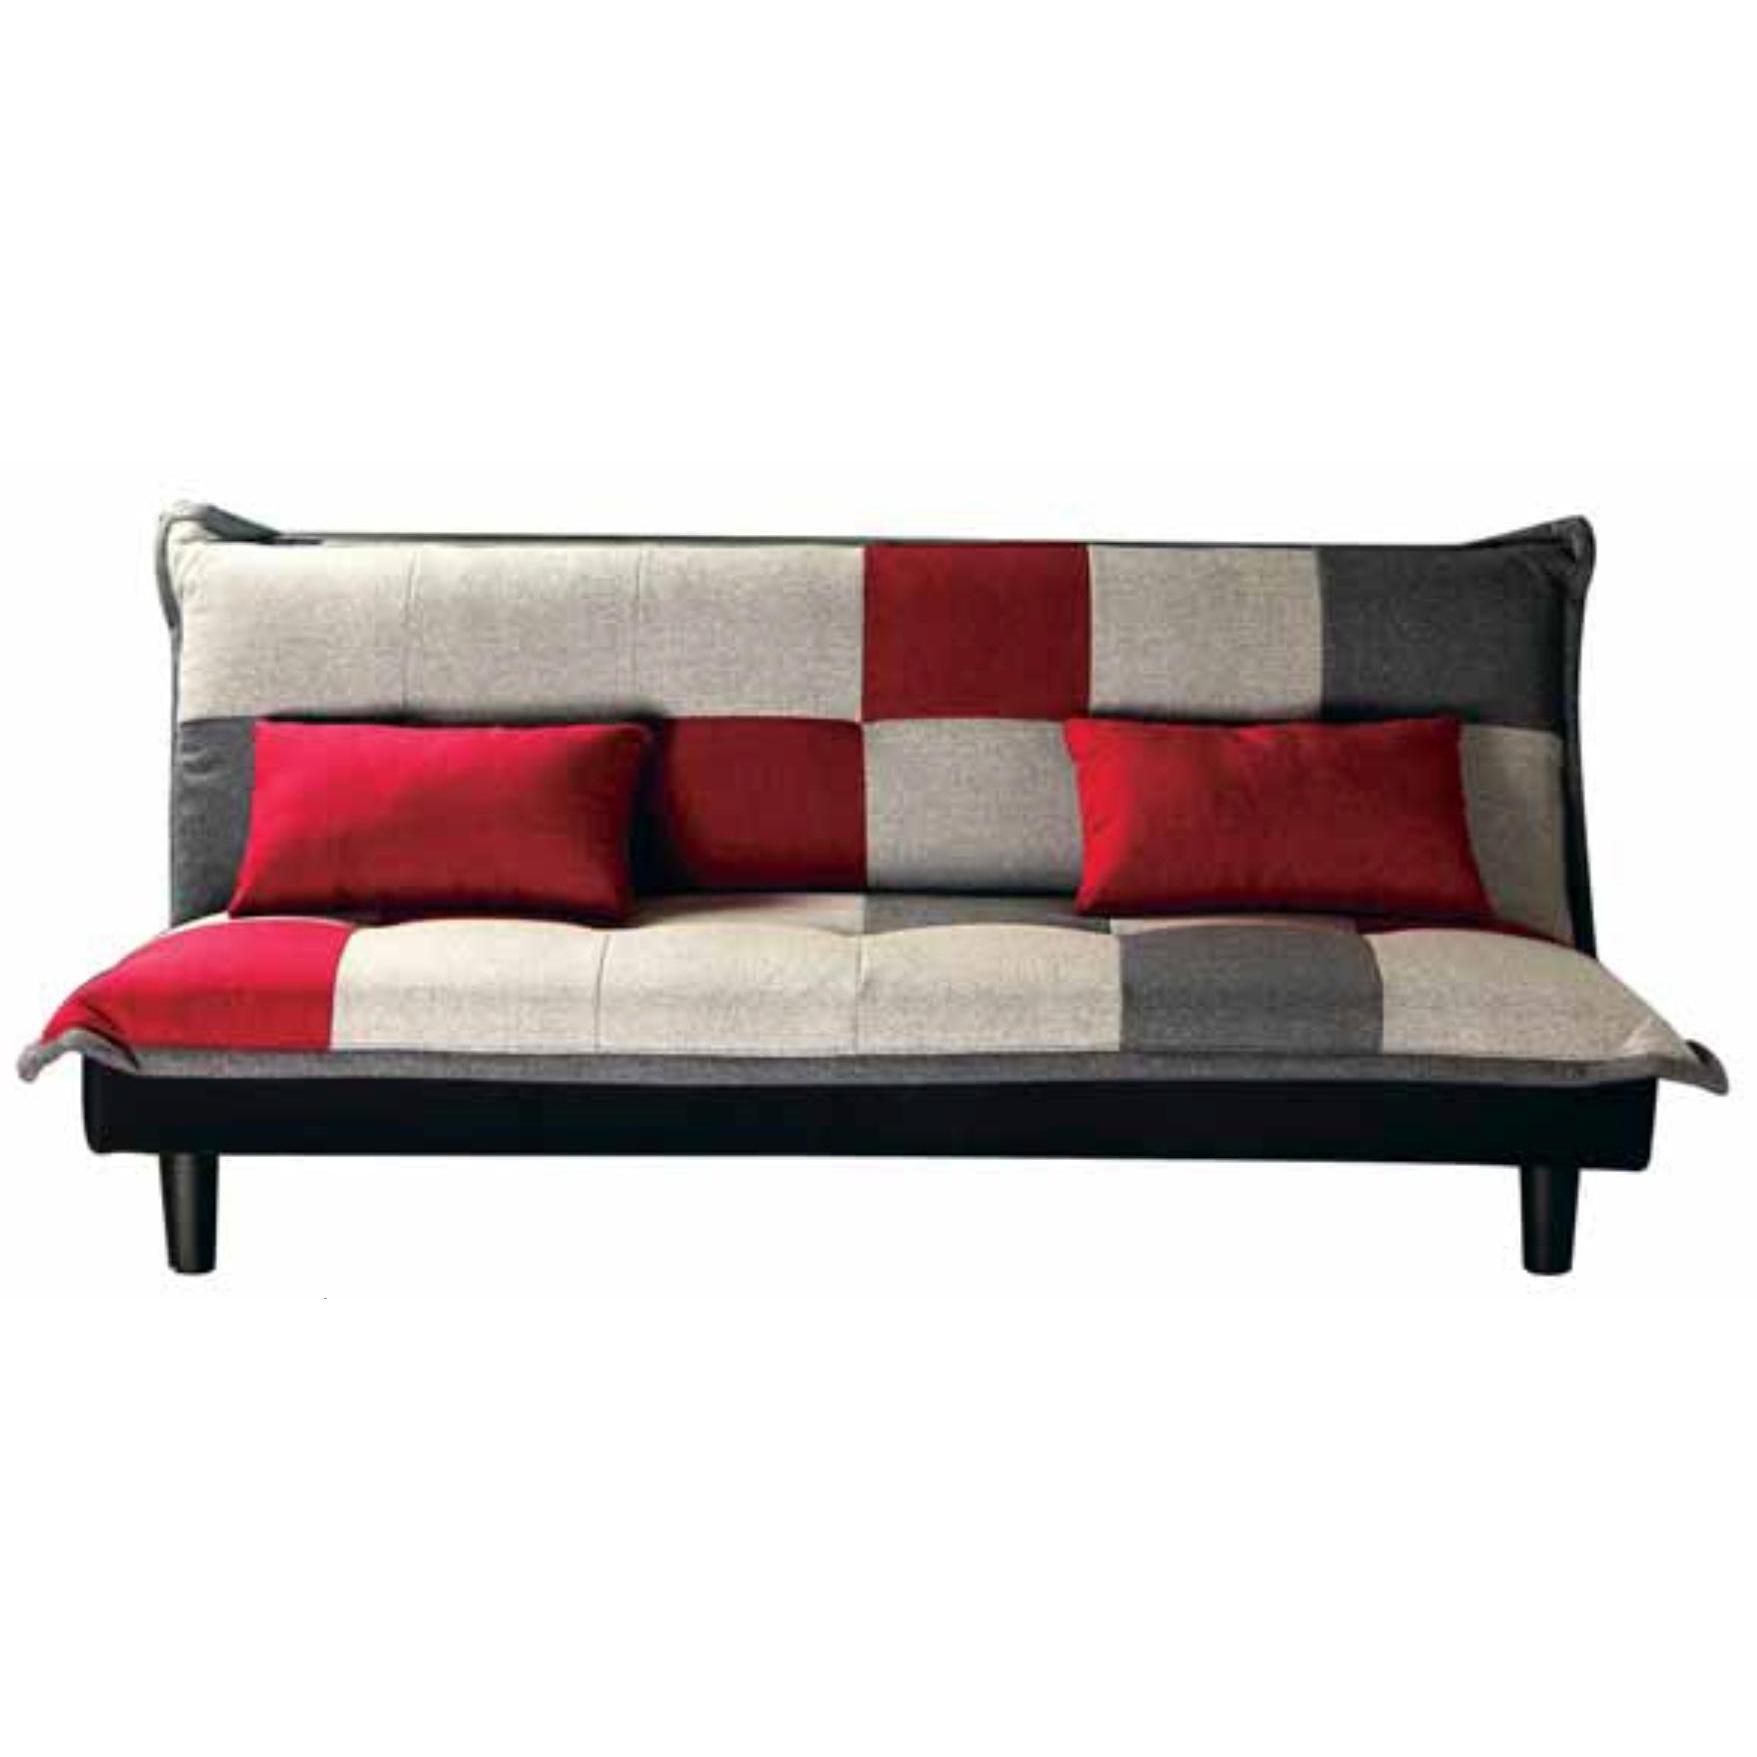 Sofa bed click clack patchwork